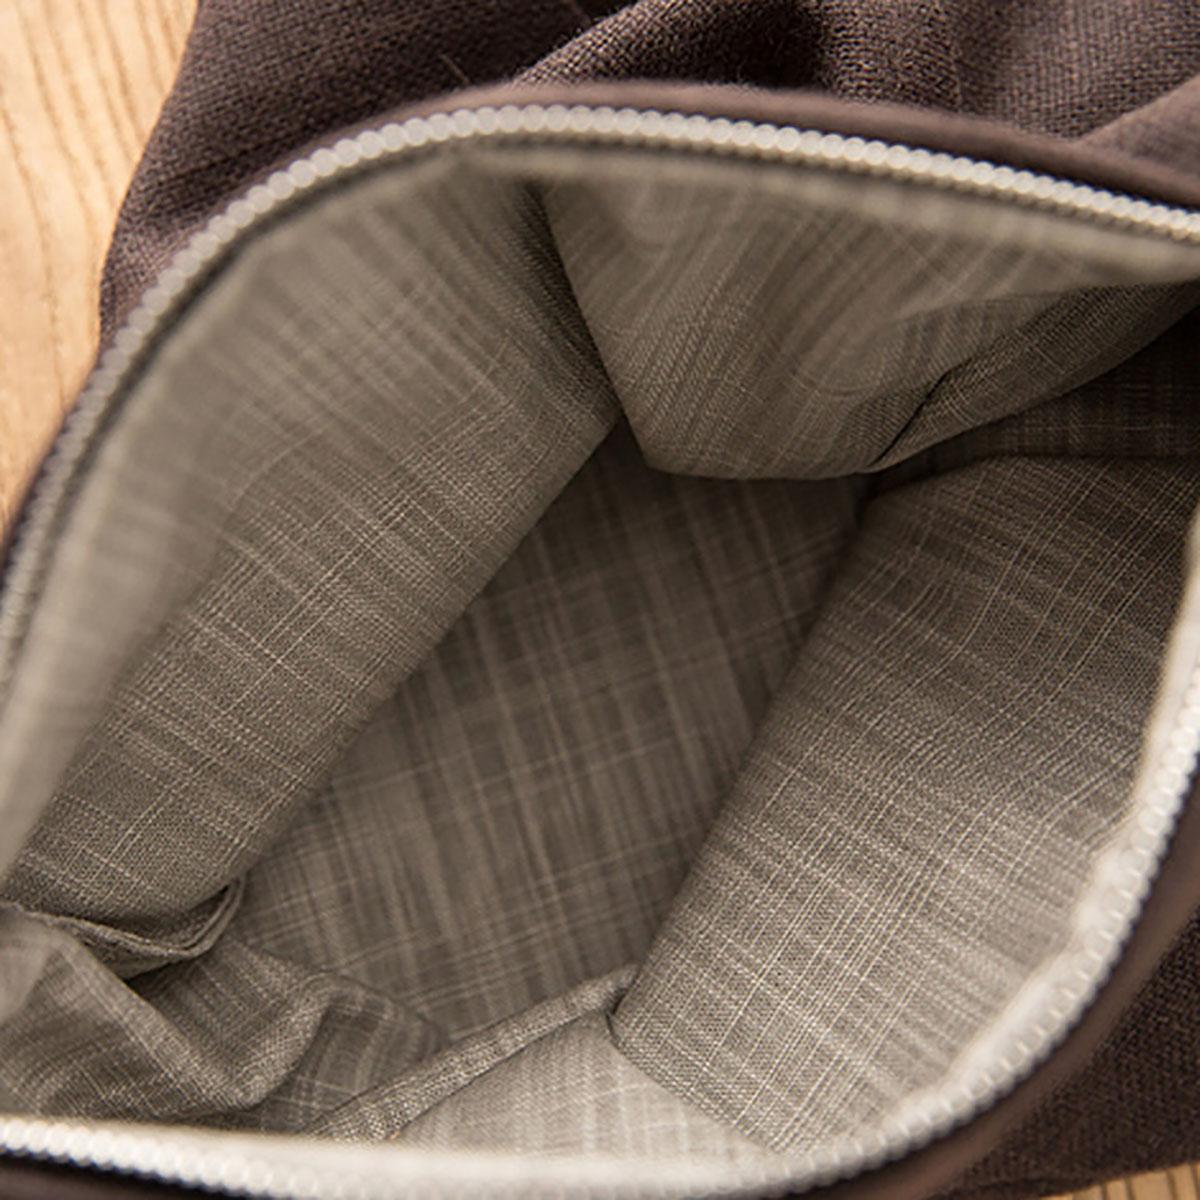 modern hemp bags